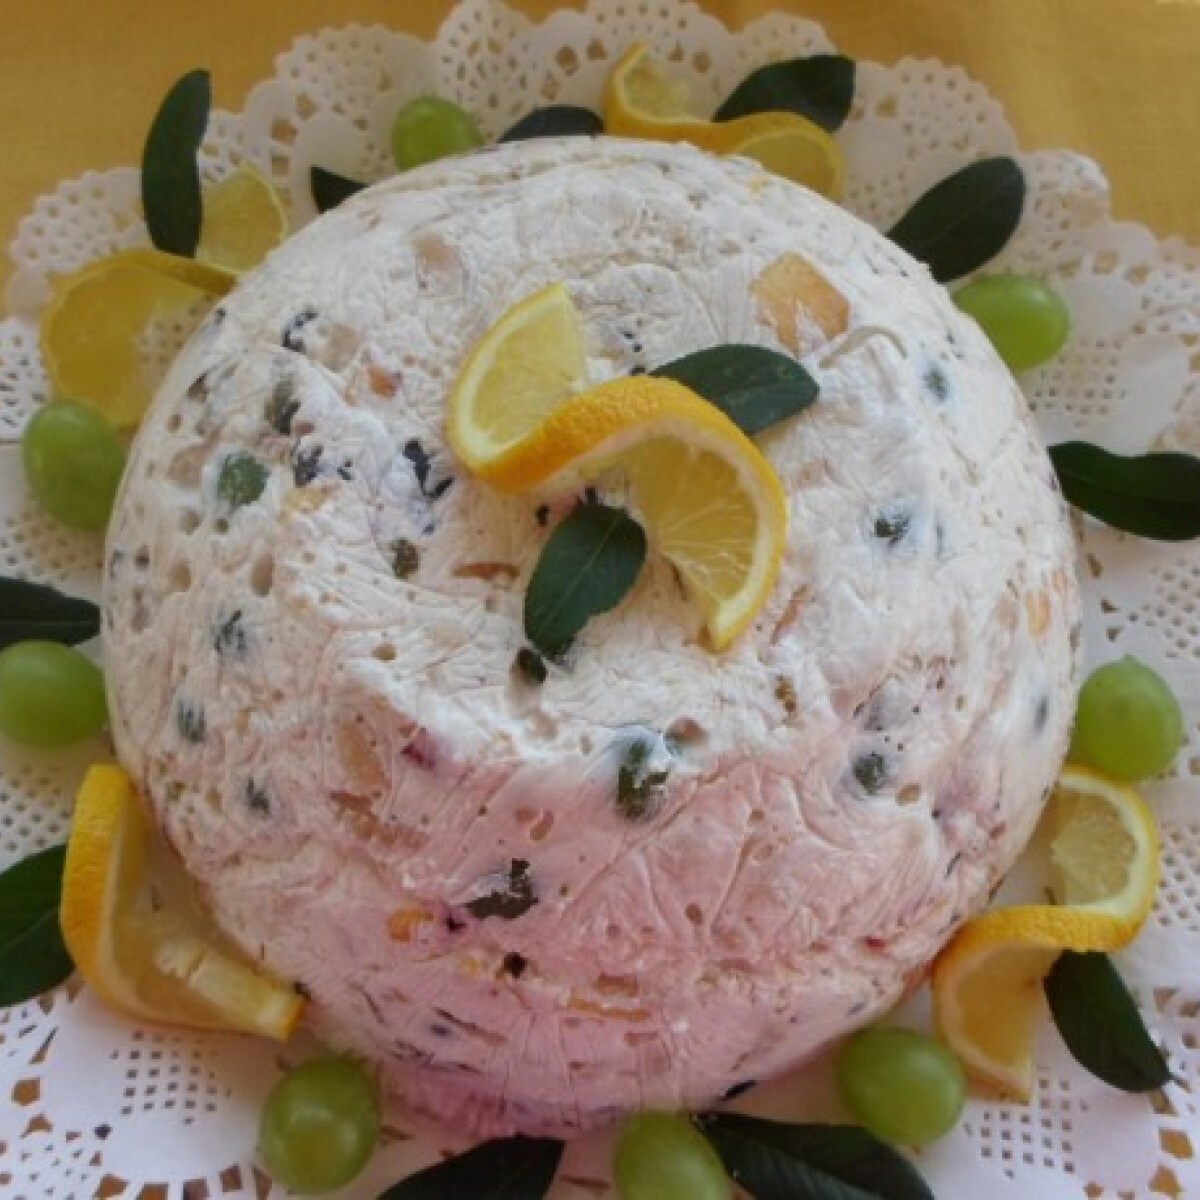 Tejfölös-gyümölcsös gúla